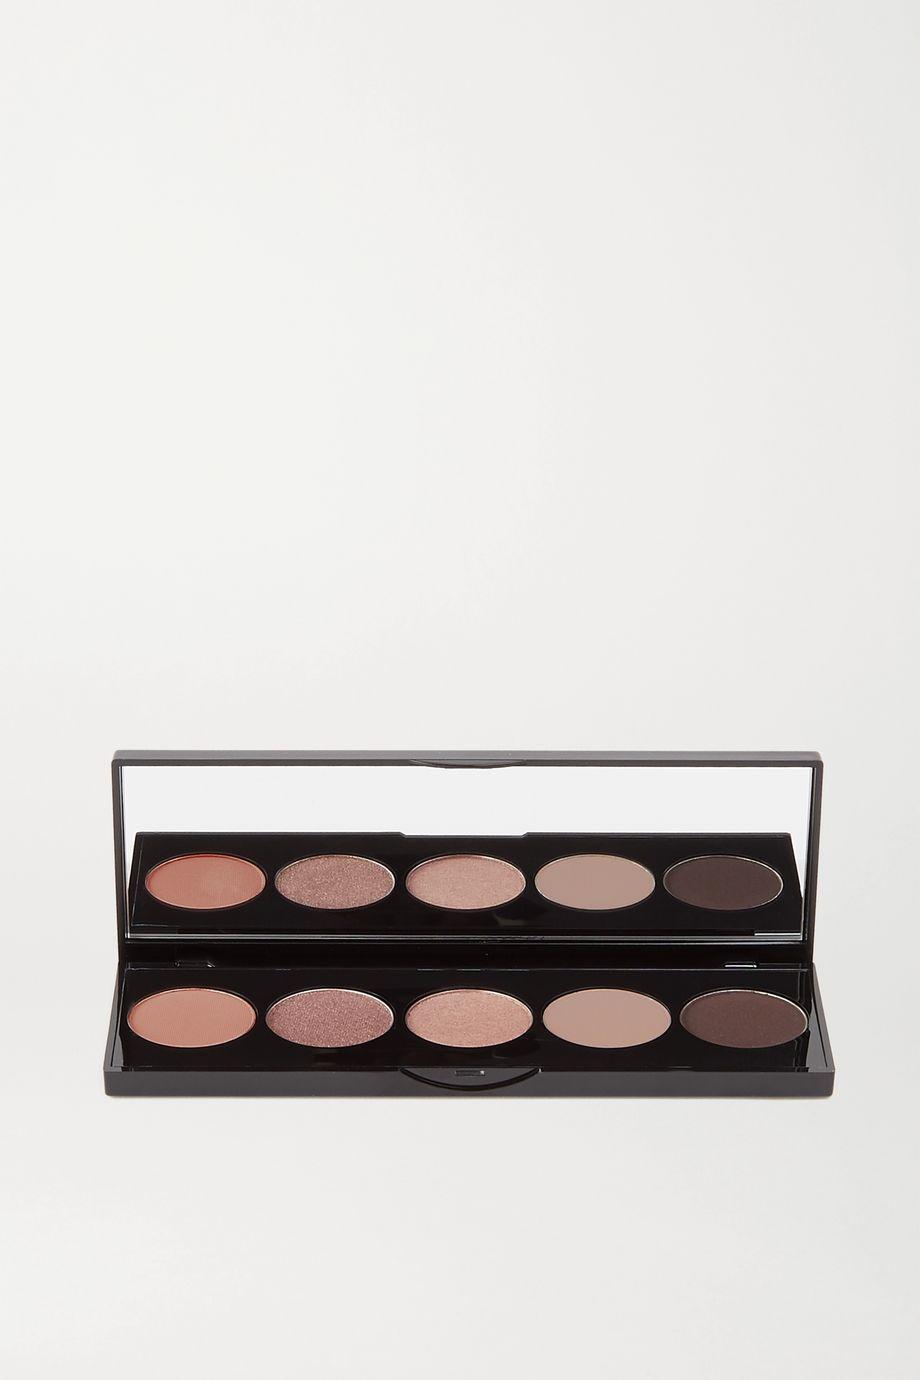 Bobbi Brown Nudes Eyeshadow Palette – Blush – Lidschattenpalette